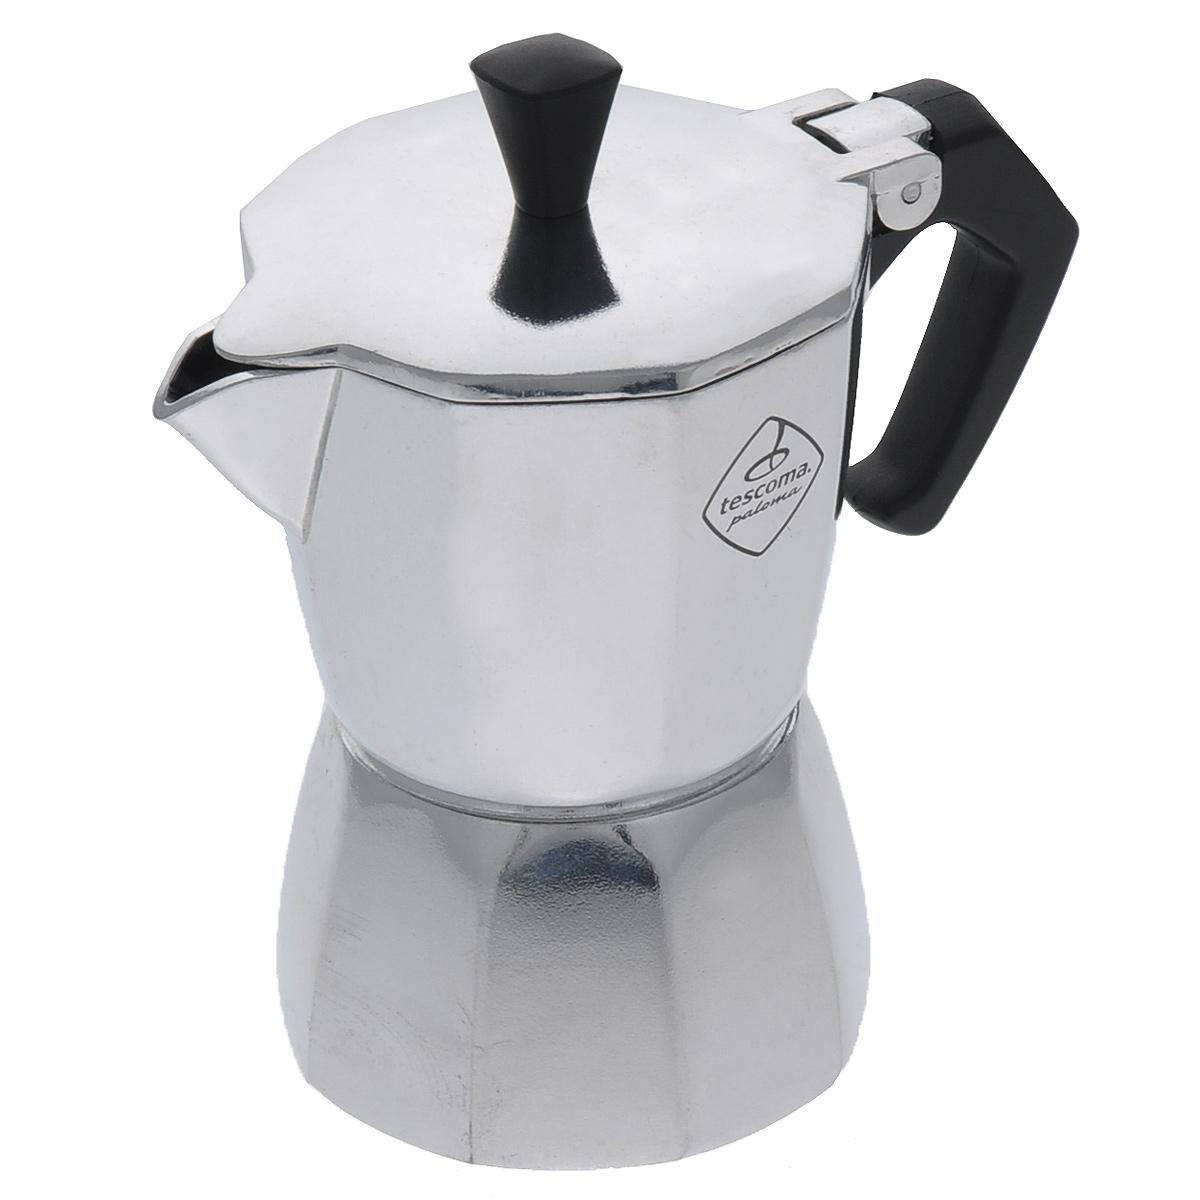 Кофеварка Tescoma Paloma, на 1 чашку647001Кофеварка Tescoma Paloma идеально подходит для приготовления традиционного кофе экспрессо. Кофеварка изготовлена из гигиенически безопасного алюминия (EN 601). Эргономичная рукоятка выполнена из жароупорной пластмассы, поэтому не обжигает руки. Кофеварка очень проста в использовании: - наполните основание водой, - насыпьте туда кофе, - закройте, - поставьте на плиту, - сварите кофе, - подавайте на стол. Объем рассчитан на приготовление одной чашки кофе. Стильный дизайн кофеварки Tescoma сделает ее ярким элементом интерьера вашего дома! Можно использовать на газовых, электрических, керамических плитах. Нельзя мыть в посудомоечной машине.